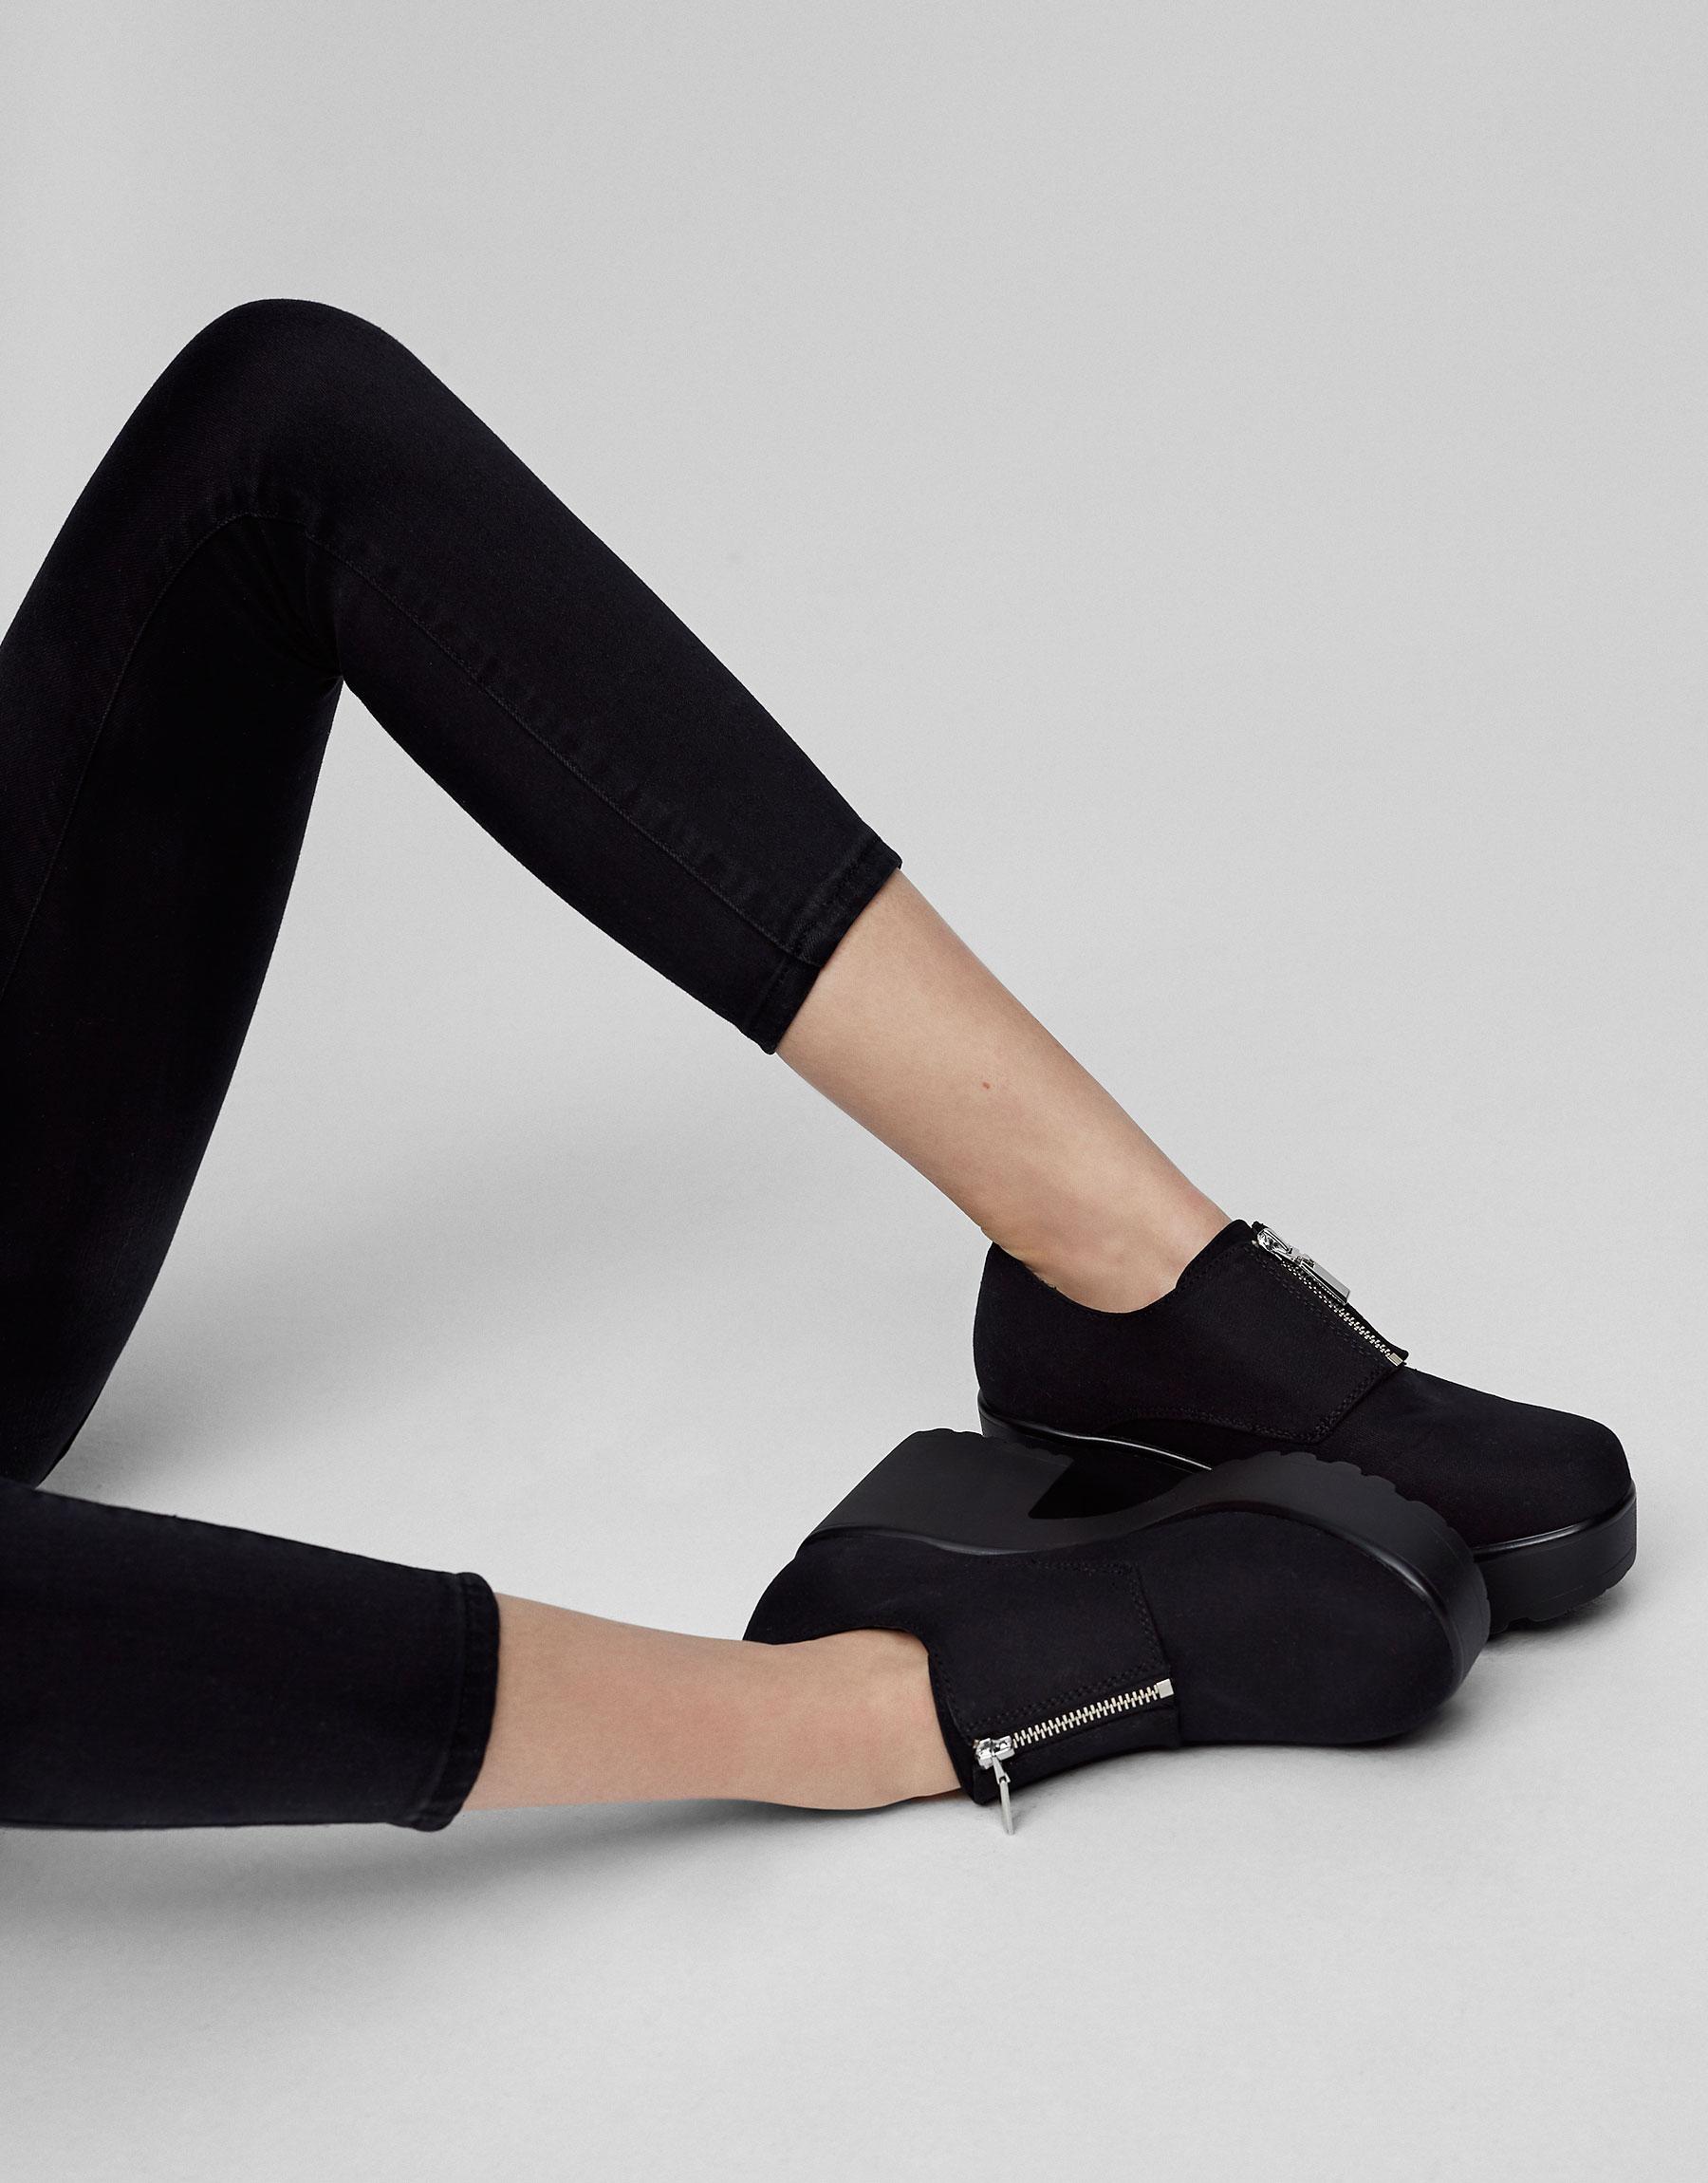 Zipped high heel shoes